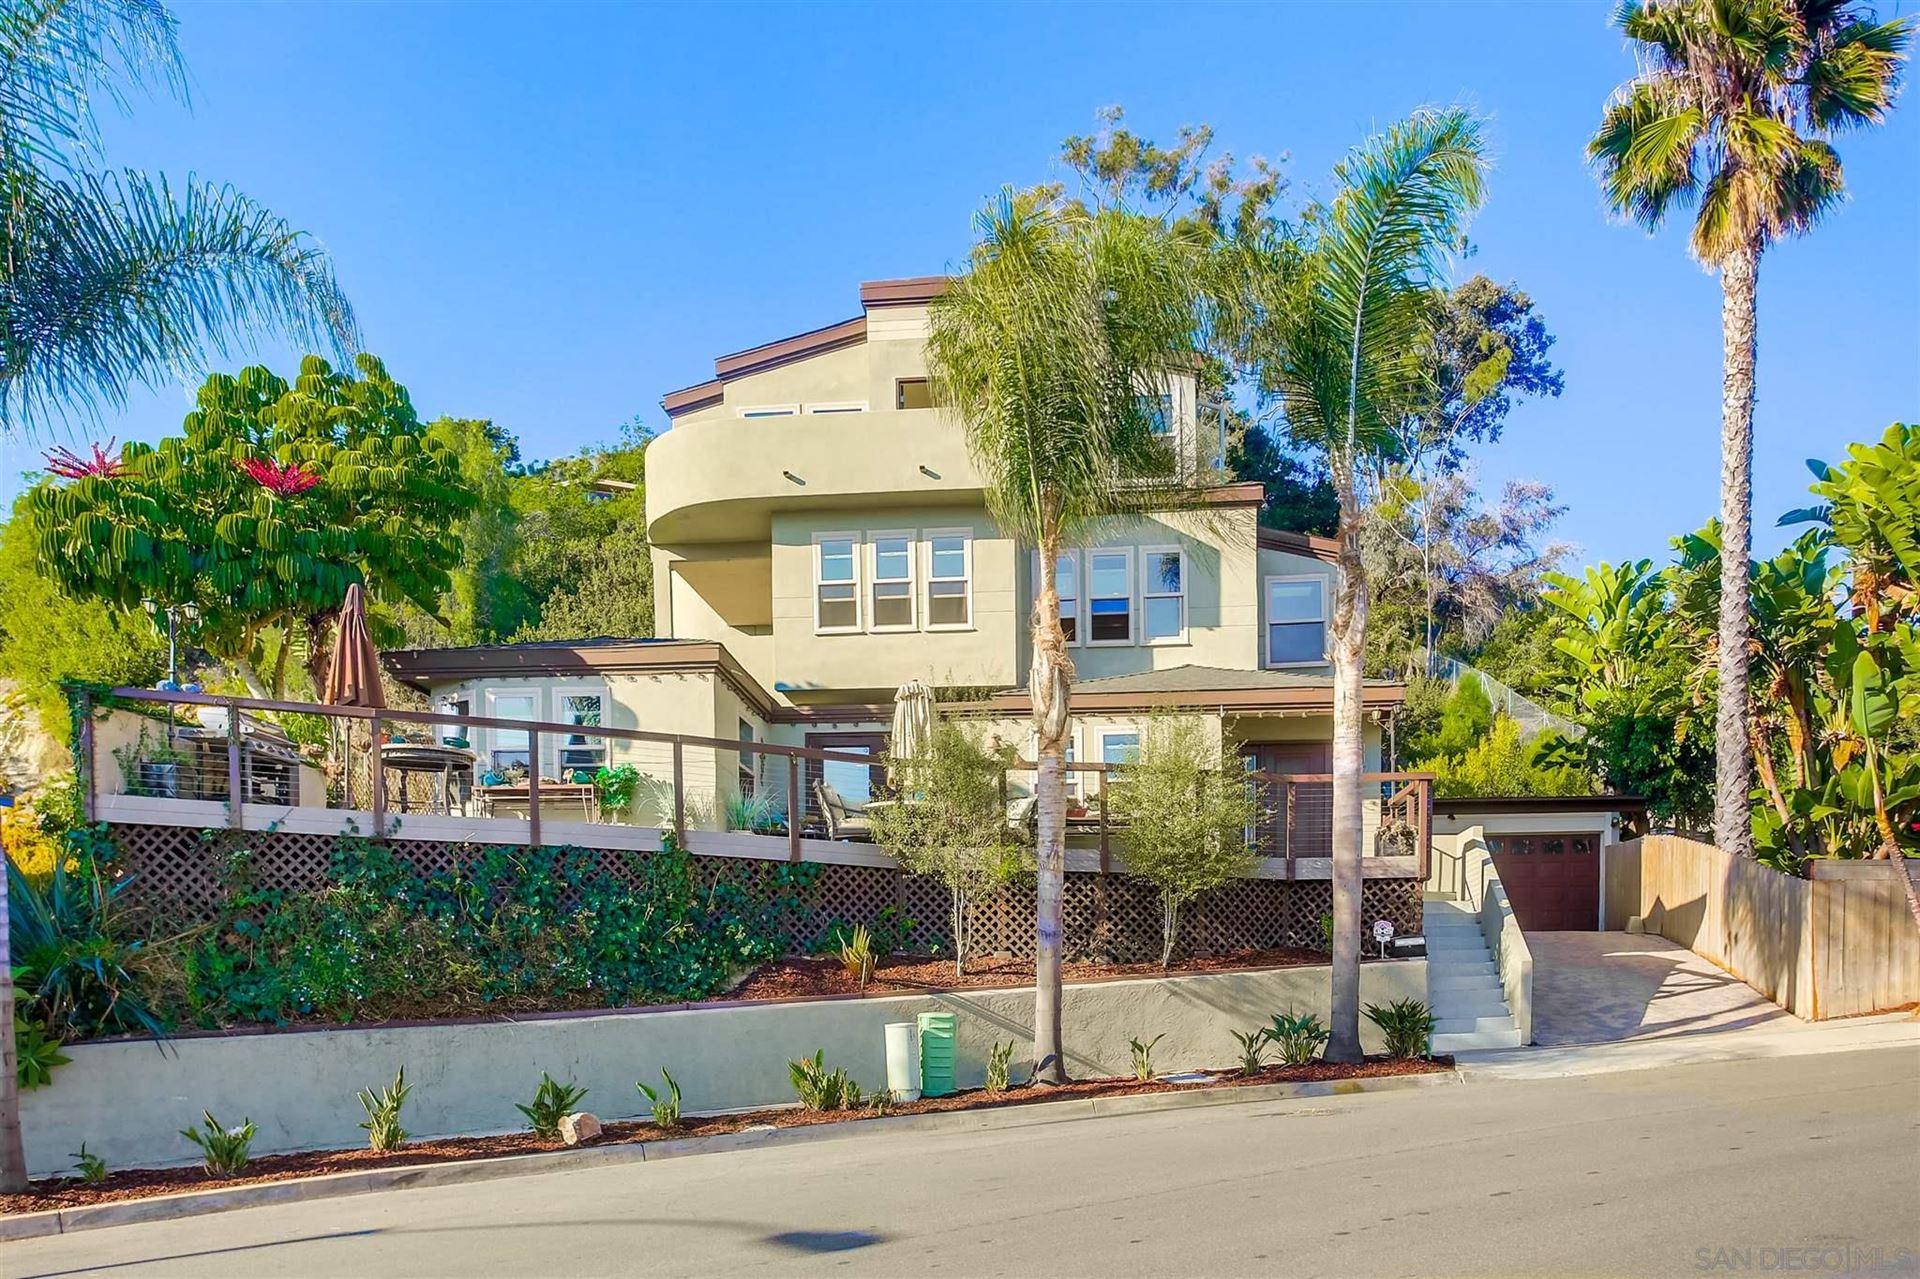 Photo for 1198 Van Nuys St, San Diego, CA 92109 (MLS # 200054184)